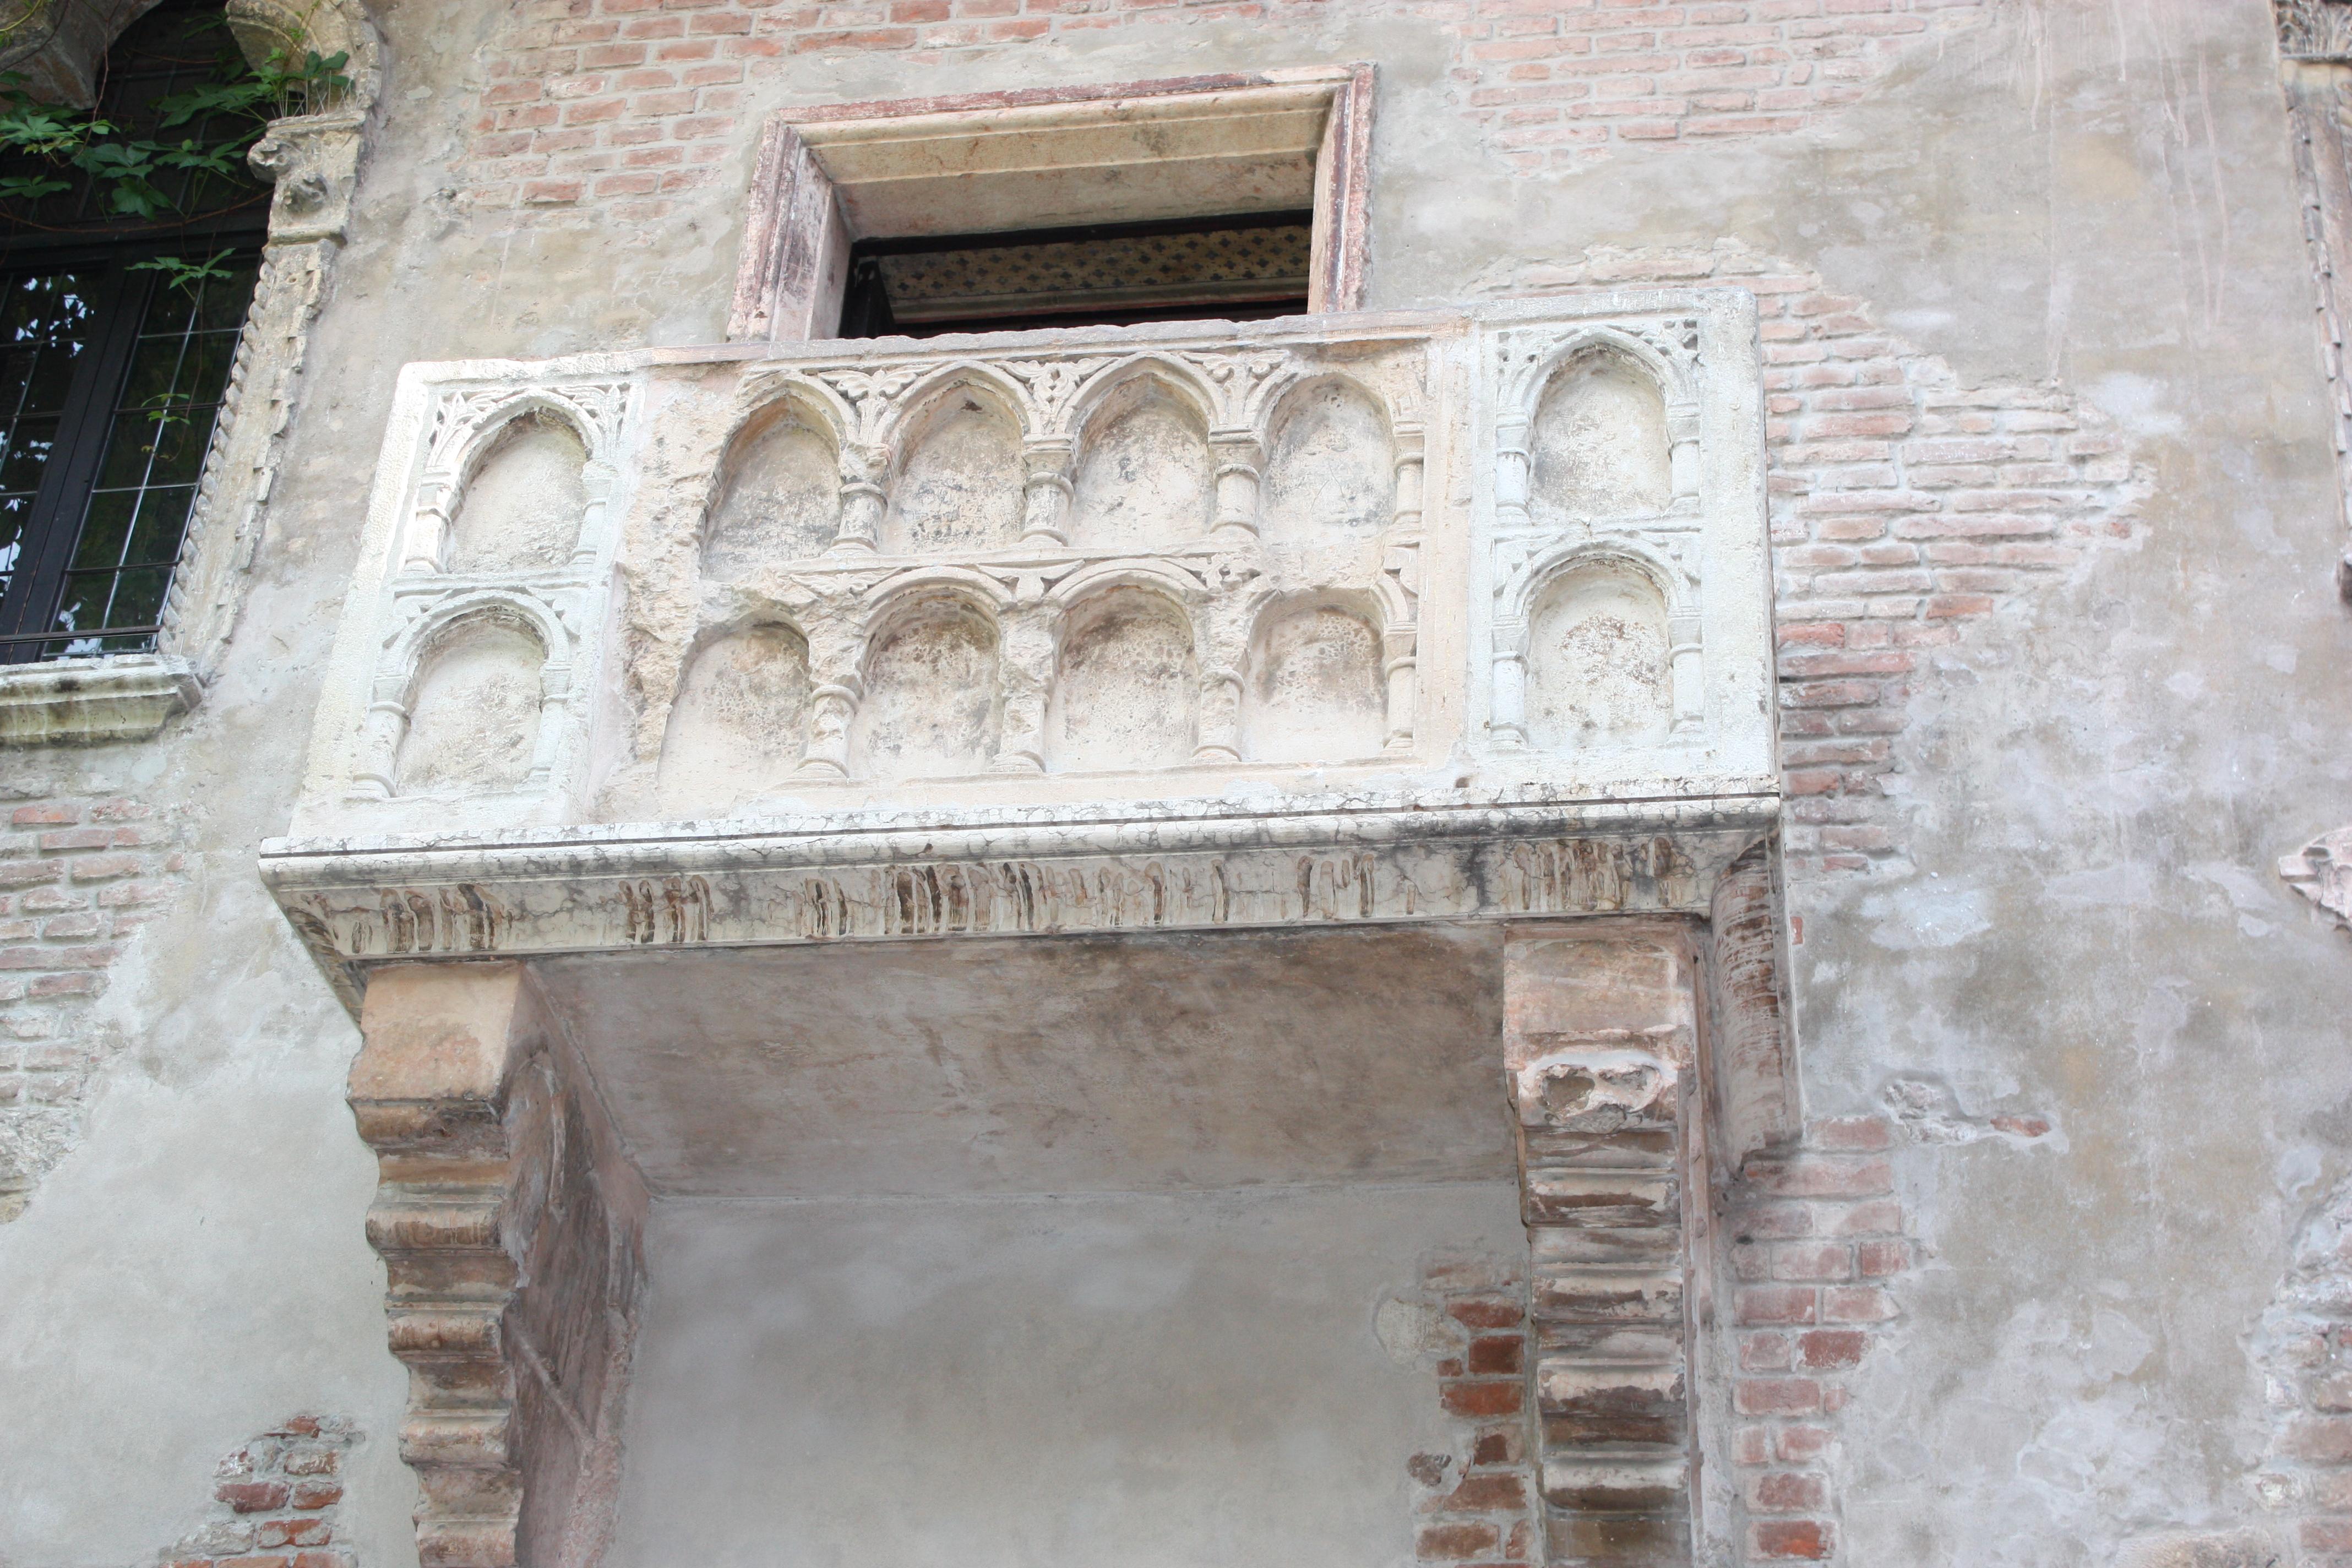 Deste balcão, supostamente, Giulietta declarou-se ao seu amado Romeu